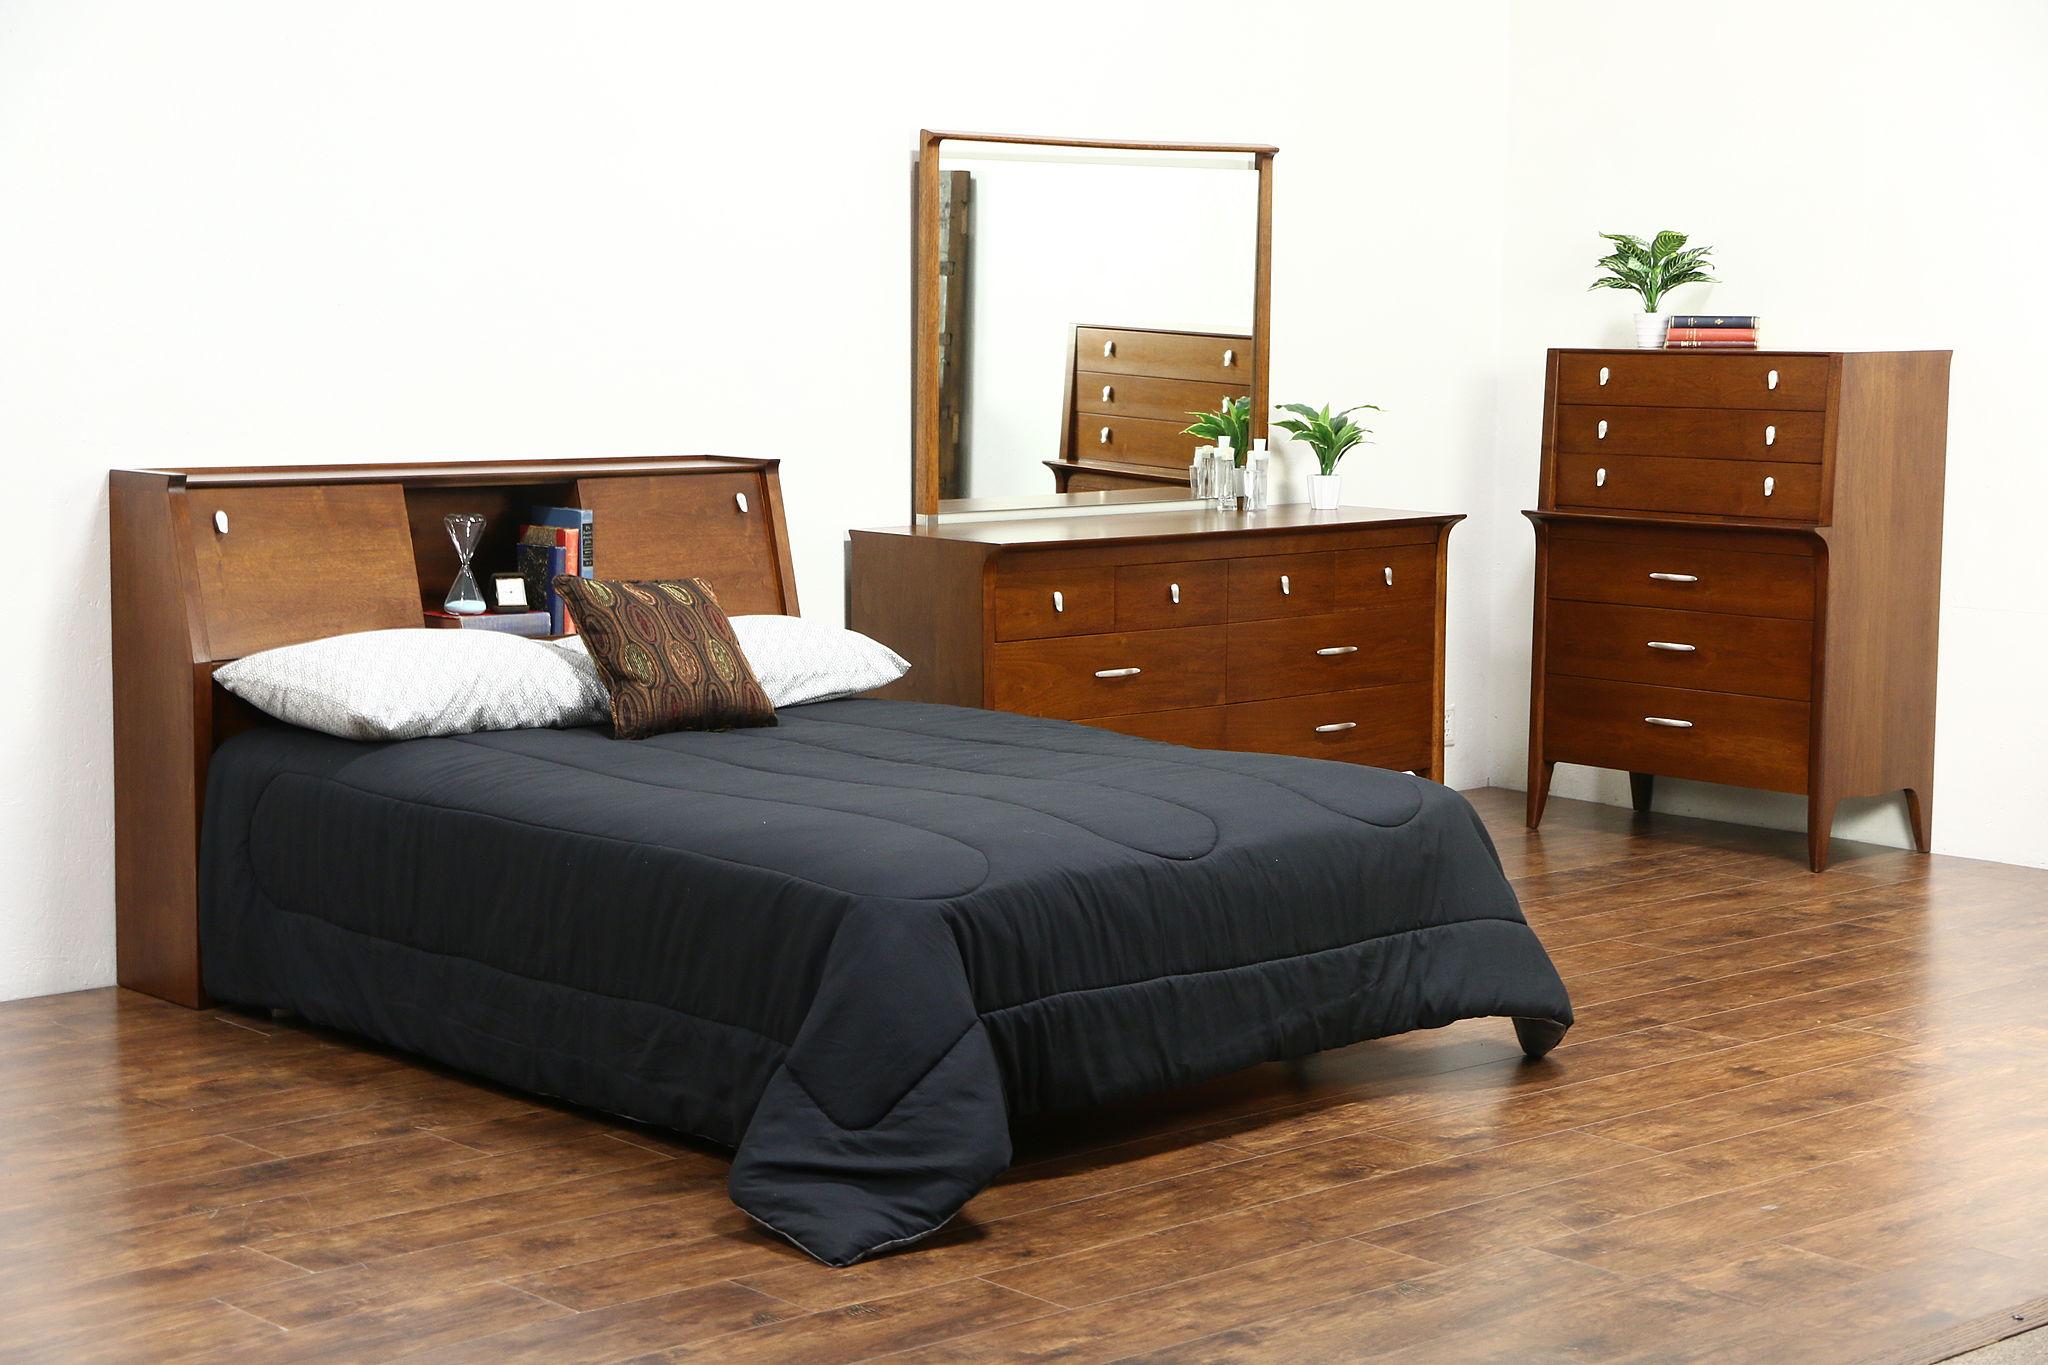 Profile By Drexel Van Koert Midcentury Modern 1960 S Vintage 3 Pc Bedroom Set